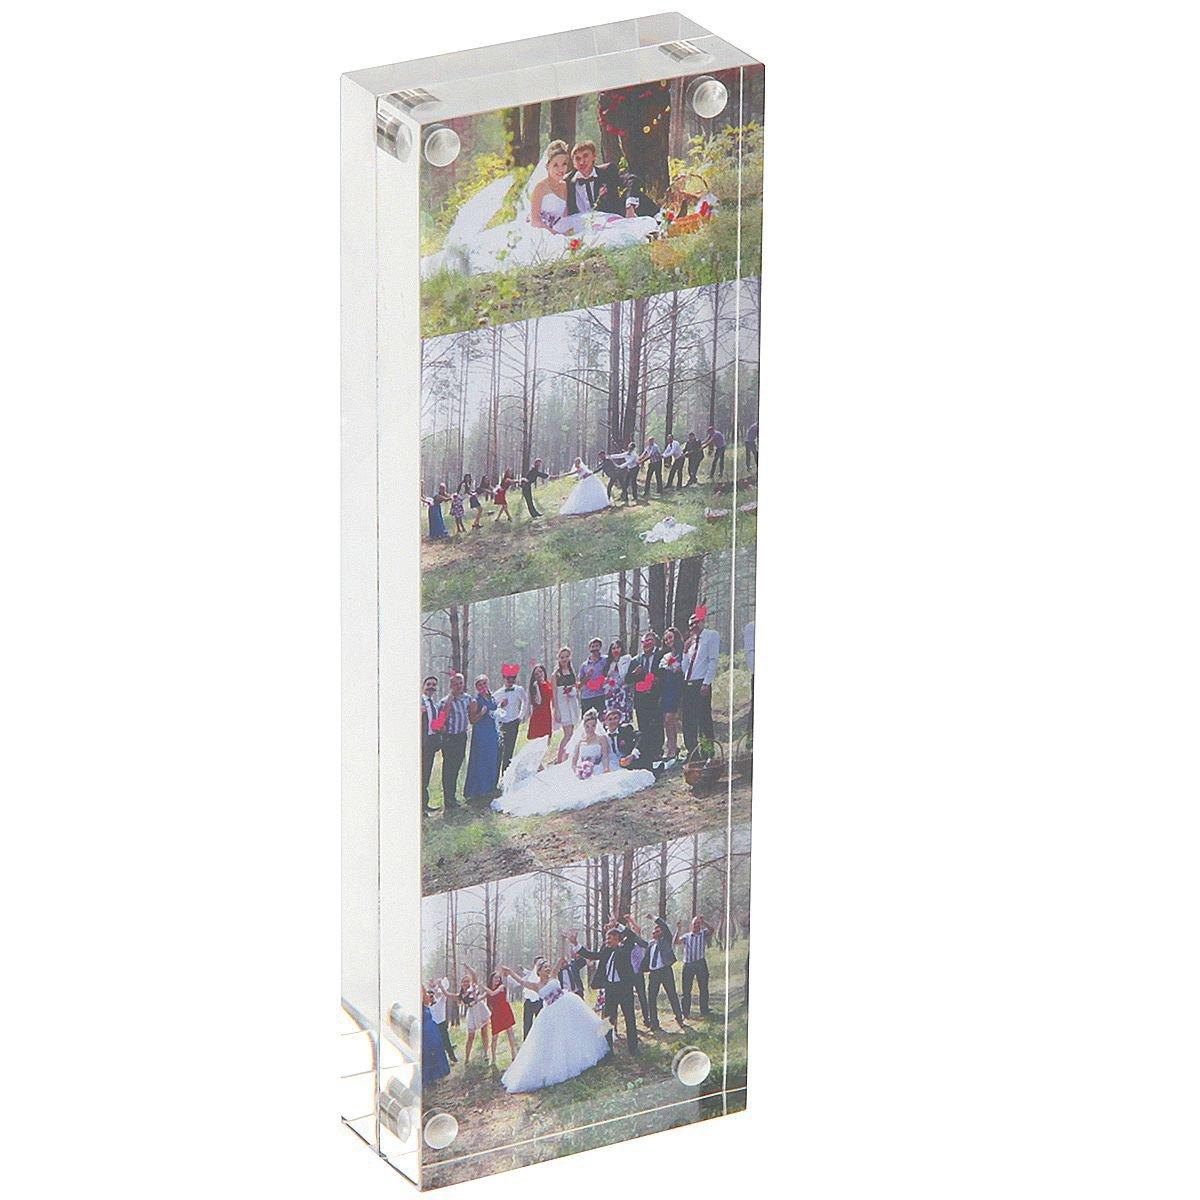 Marco de Fotos 10x15cm,Marco Foto en Cristal Personalizado (15+15 mm de espesor), Regalo de Cumpleaños y Vacaciones por NIUBEE: Amazon.es: Hogar